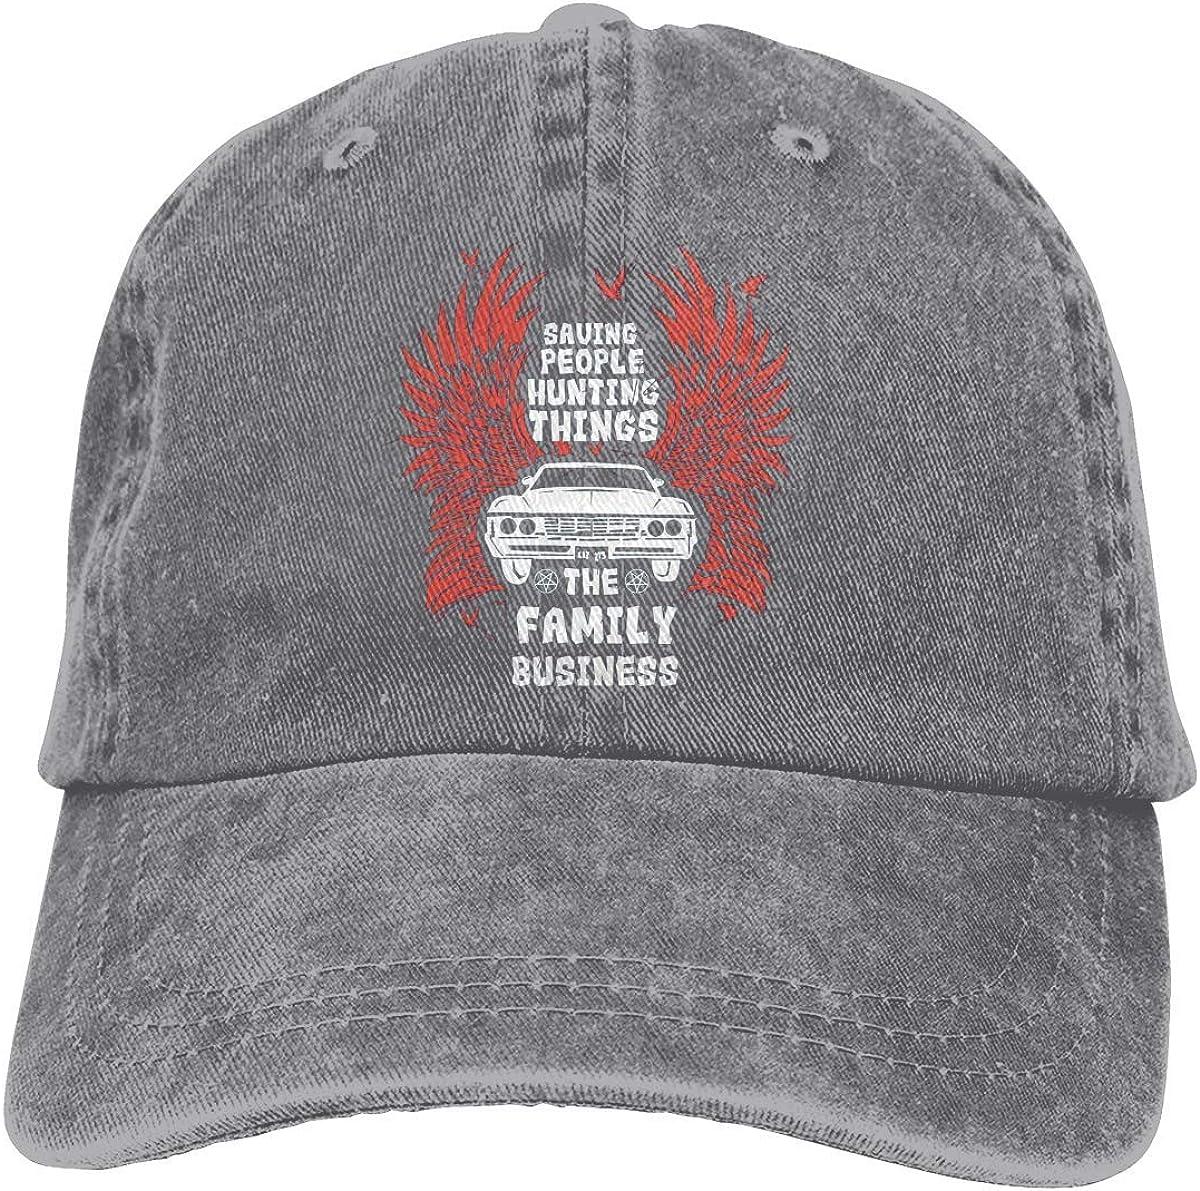 Supernatural Baseball Cap, Adjustable Size Dad Hat, Vintage Baseball Hats for Men Woman